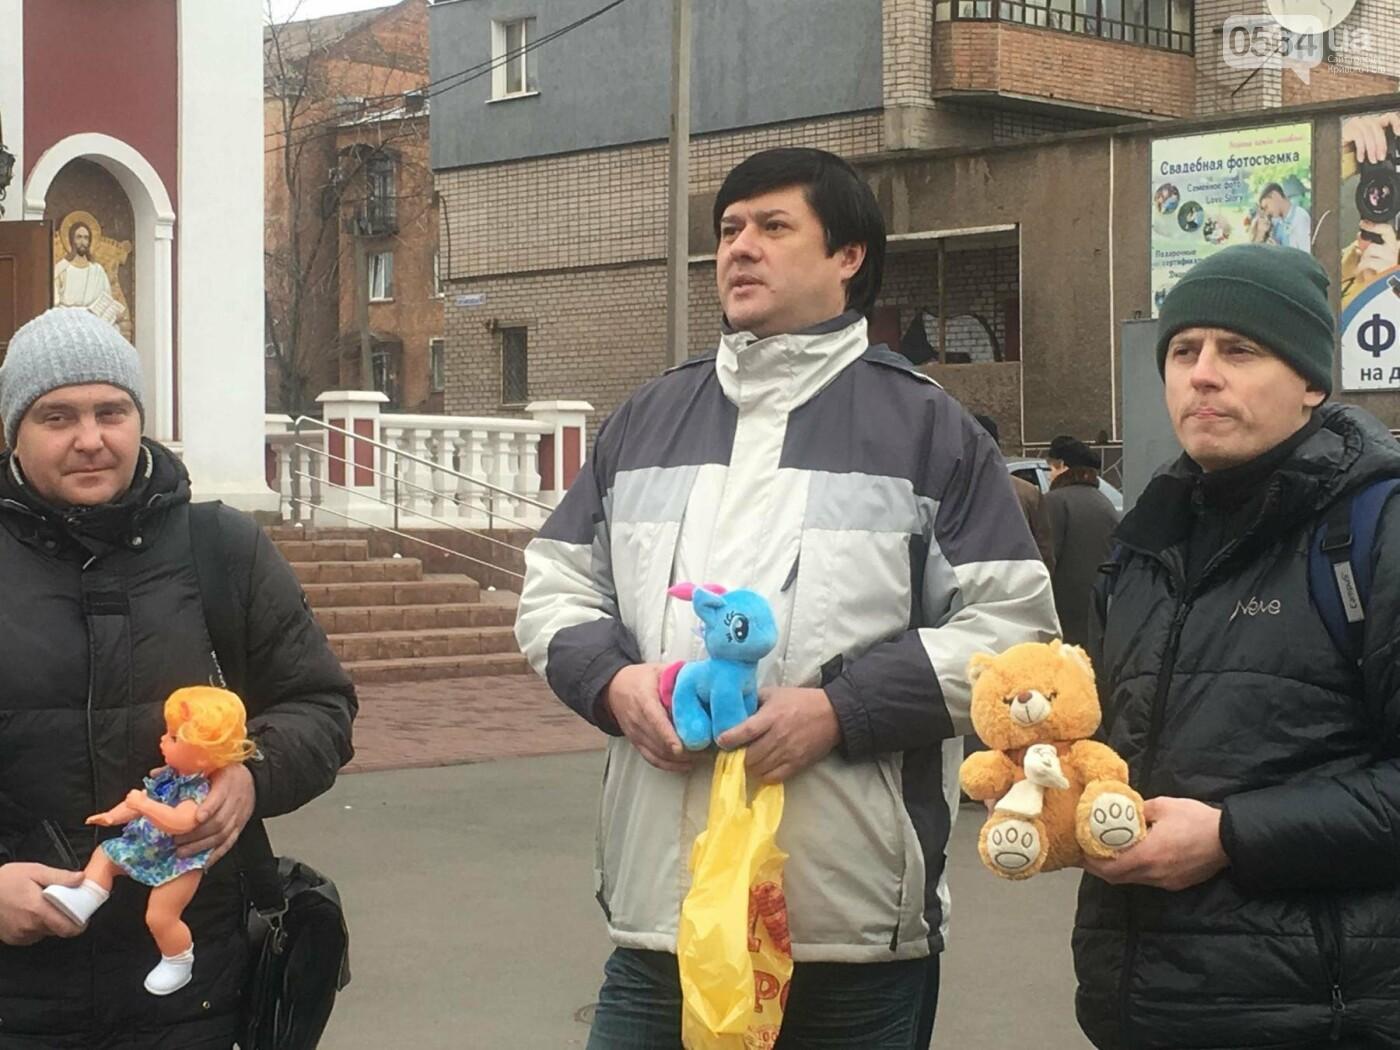 Криворожане, протестуя против политики УПЦ Московского патриархата,  принесли игрушки к храму (ФОТО, ВИДЕО), фото-10